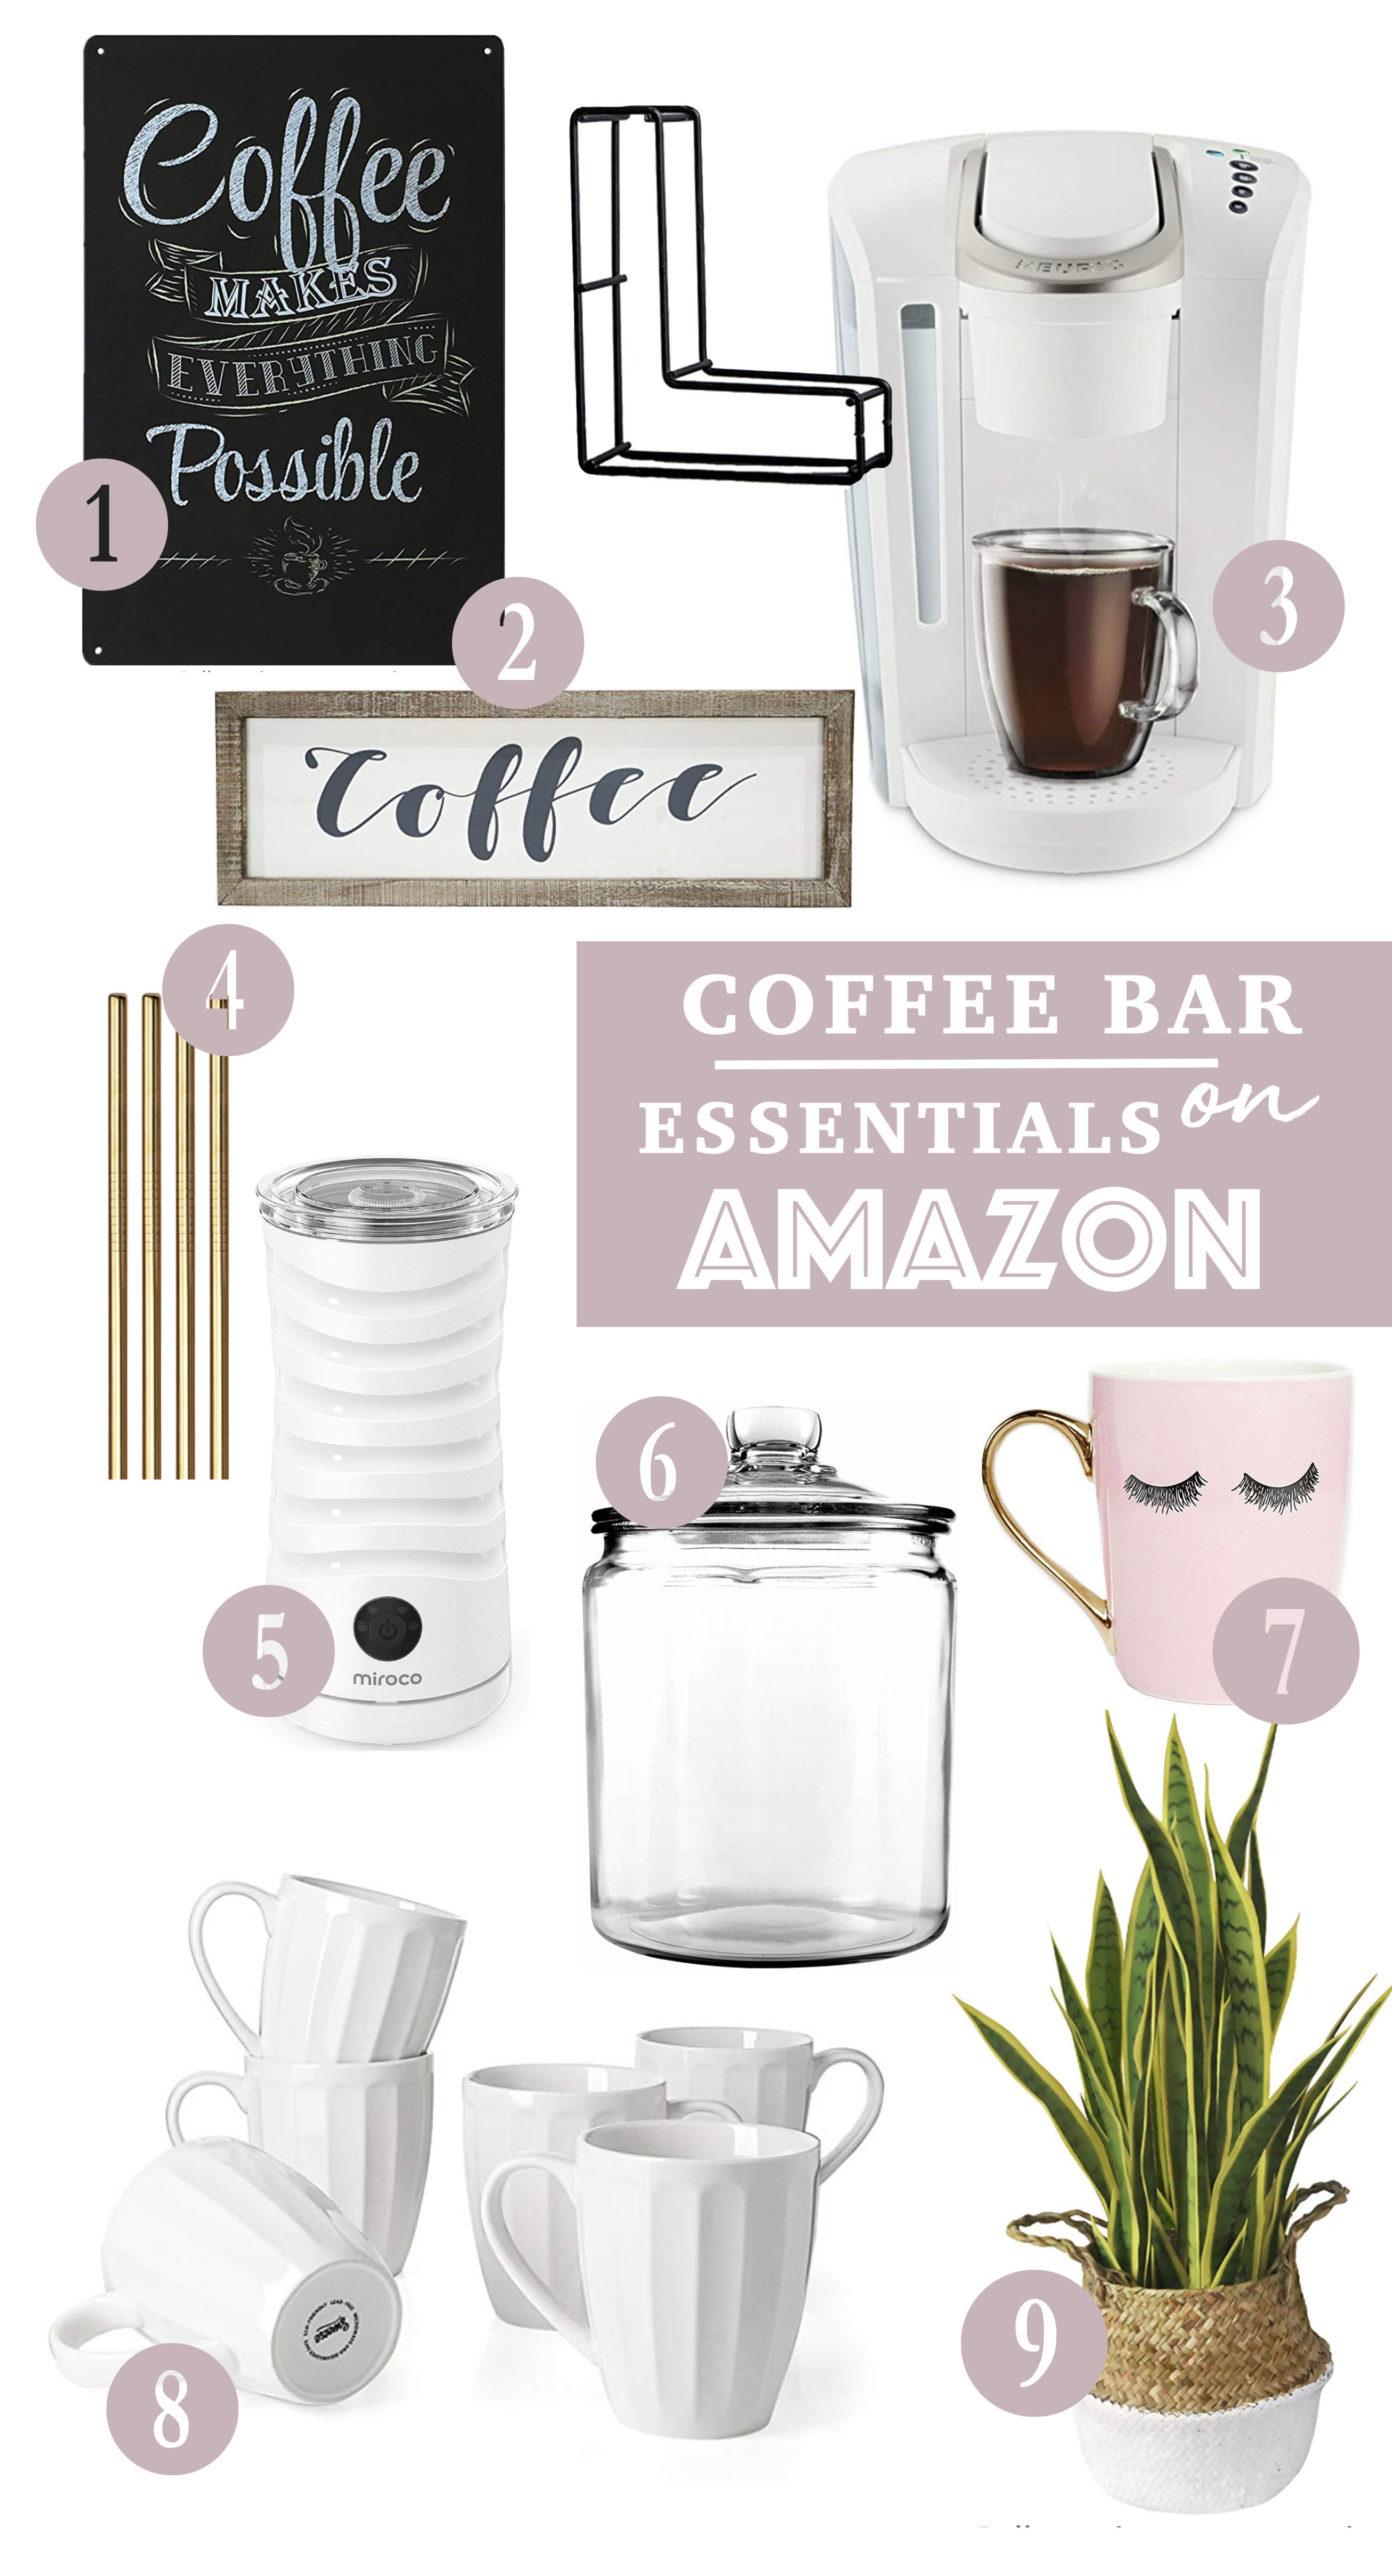 Coffee_bar_essentials